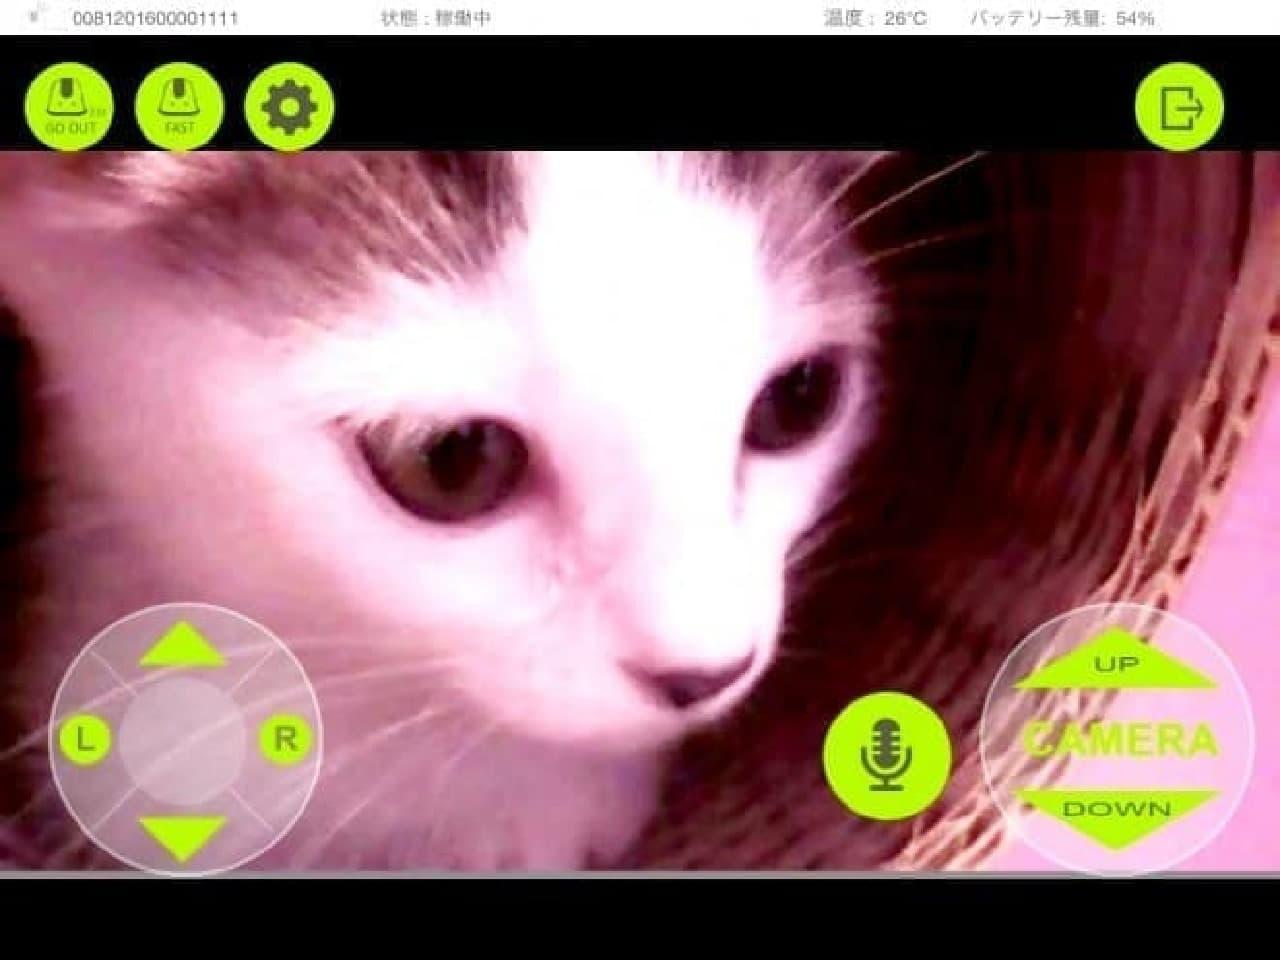 ネコの顔を接写しているところ